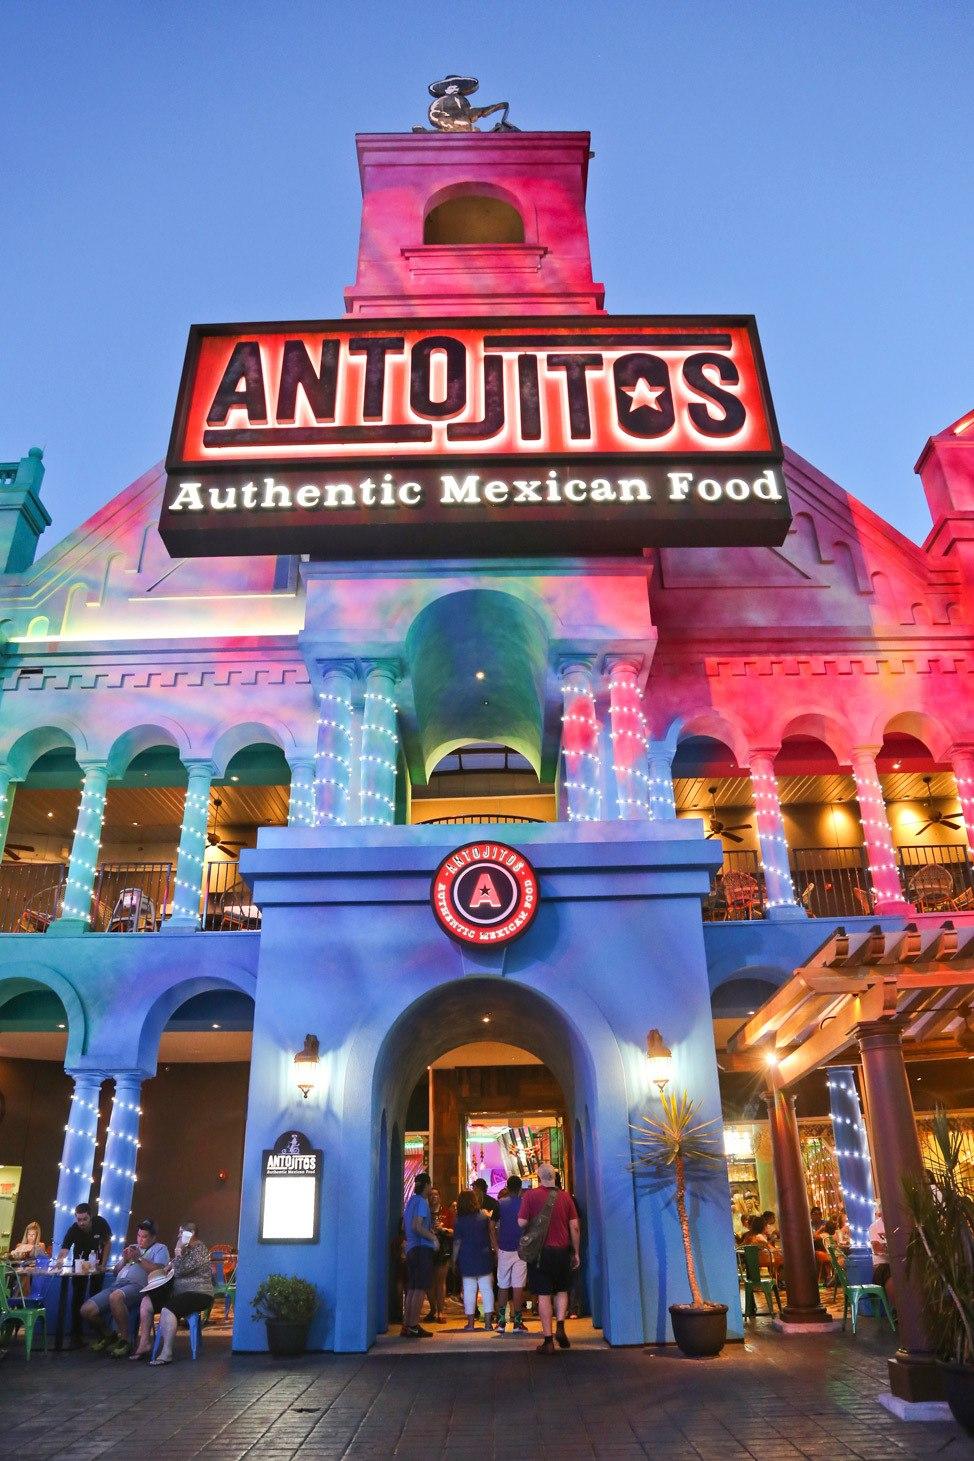 Antojitos Universal Orlando CityWalk